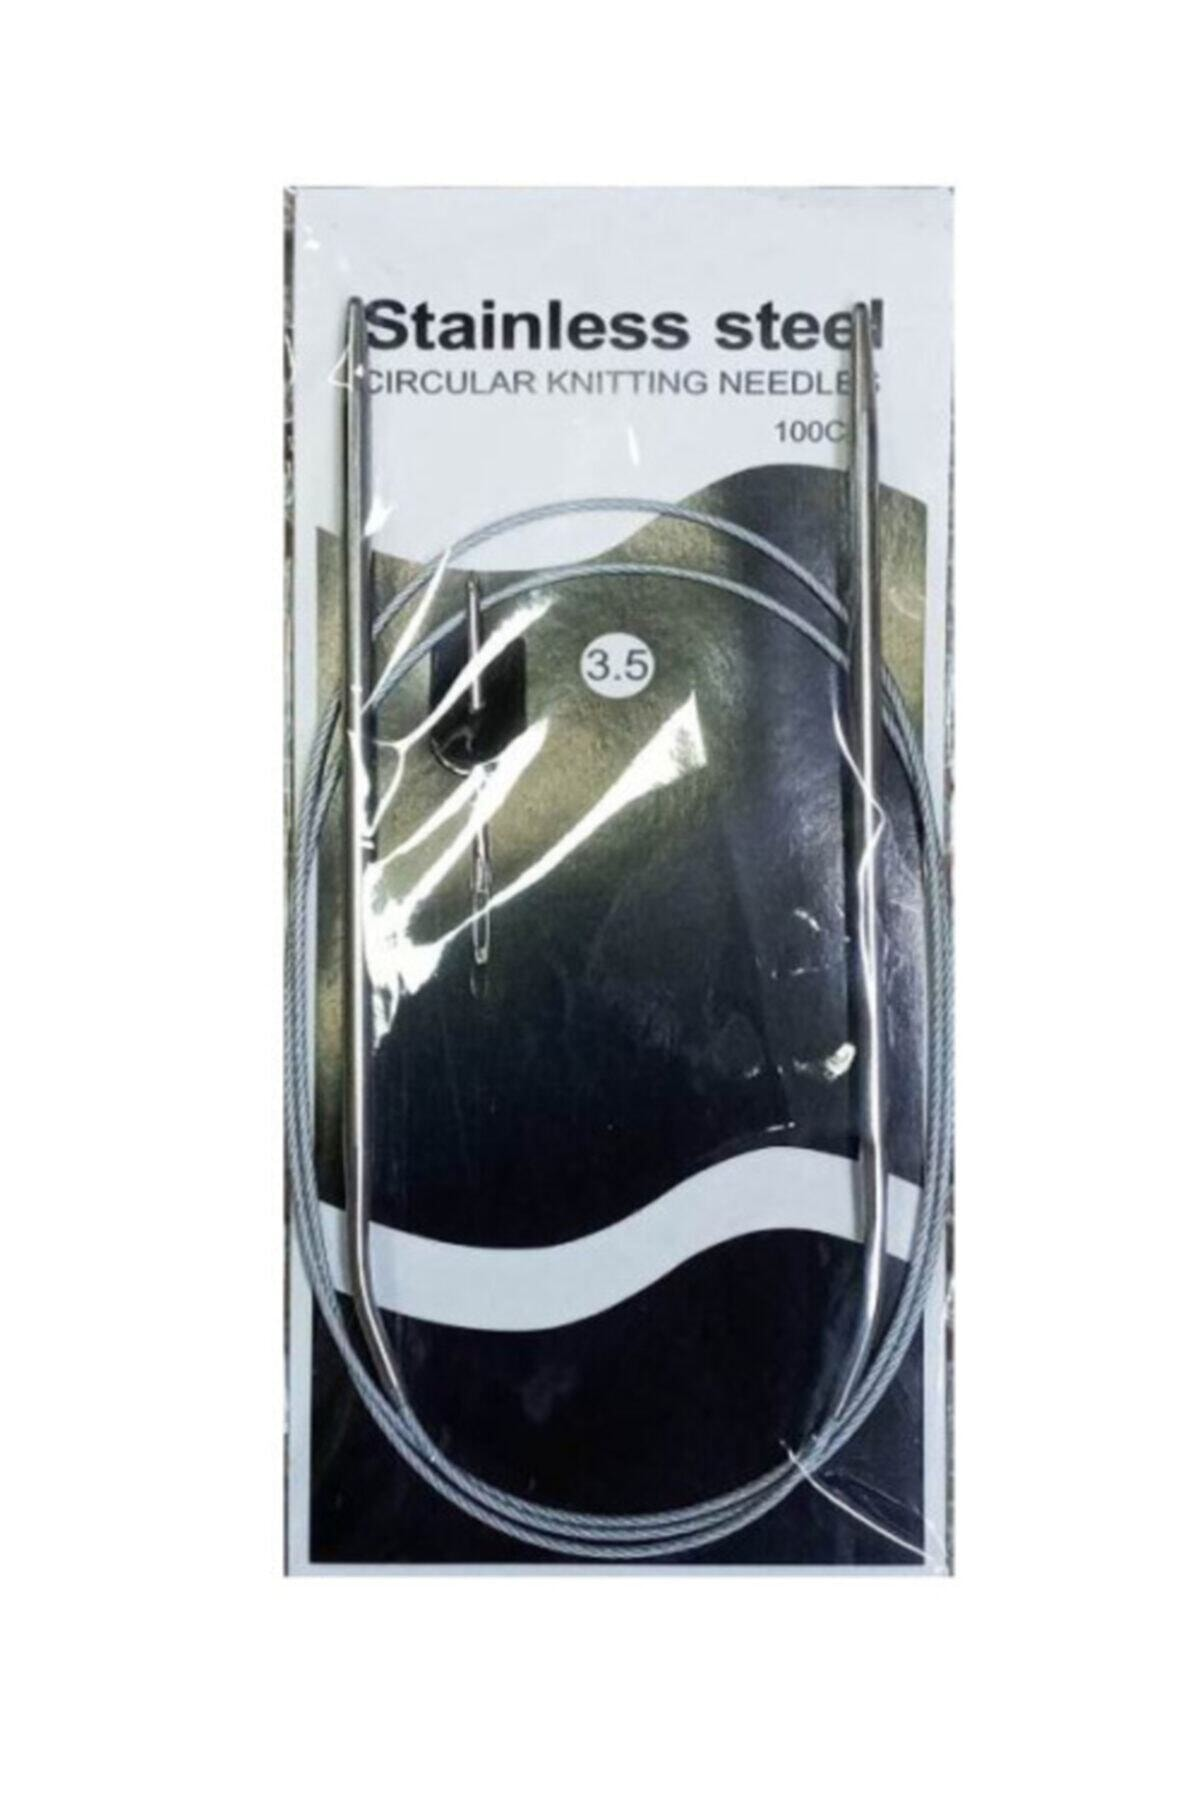 Staınless Paslanmaz Çelik No 3,5 100cm Misinalı Şiş 1